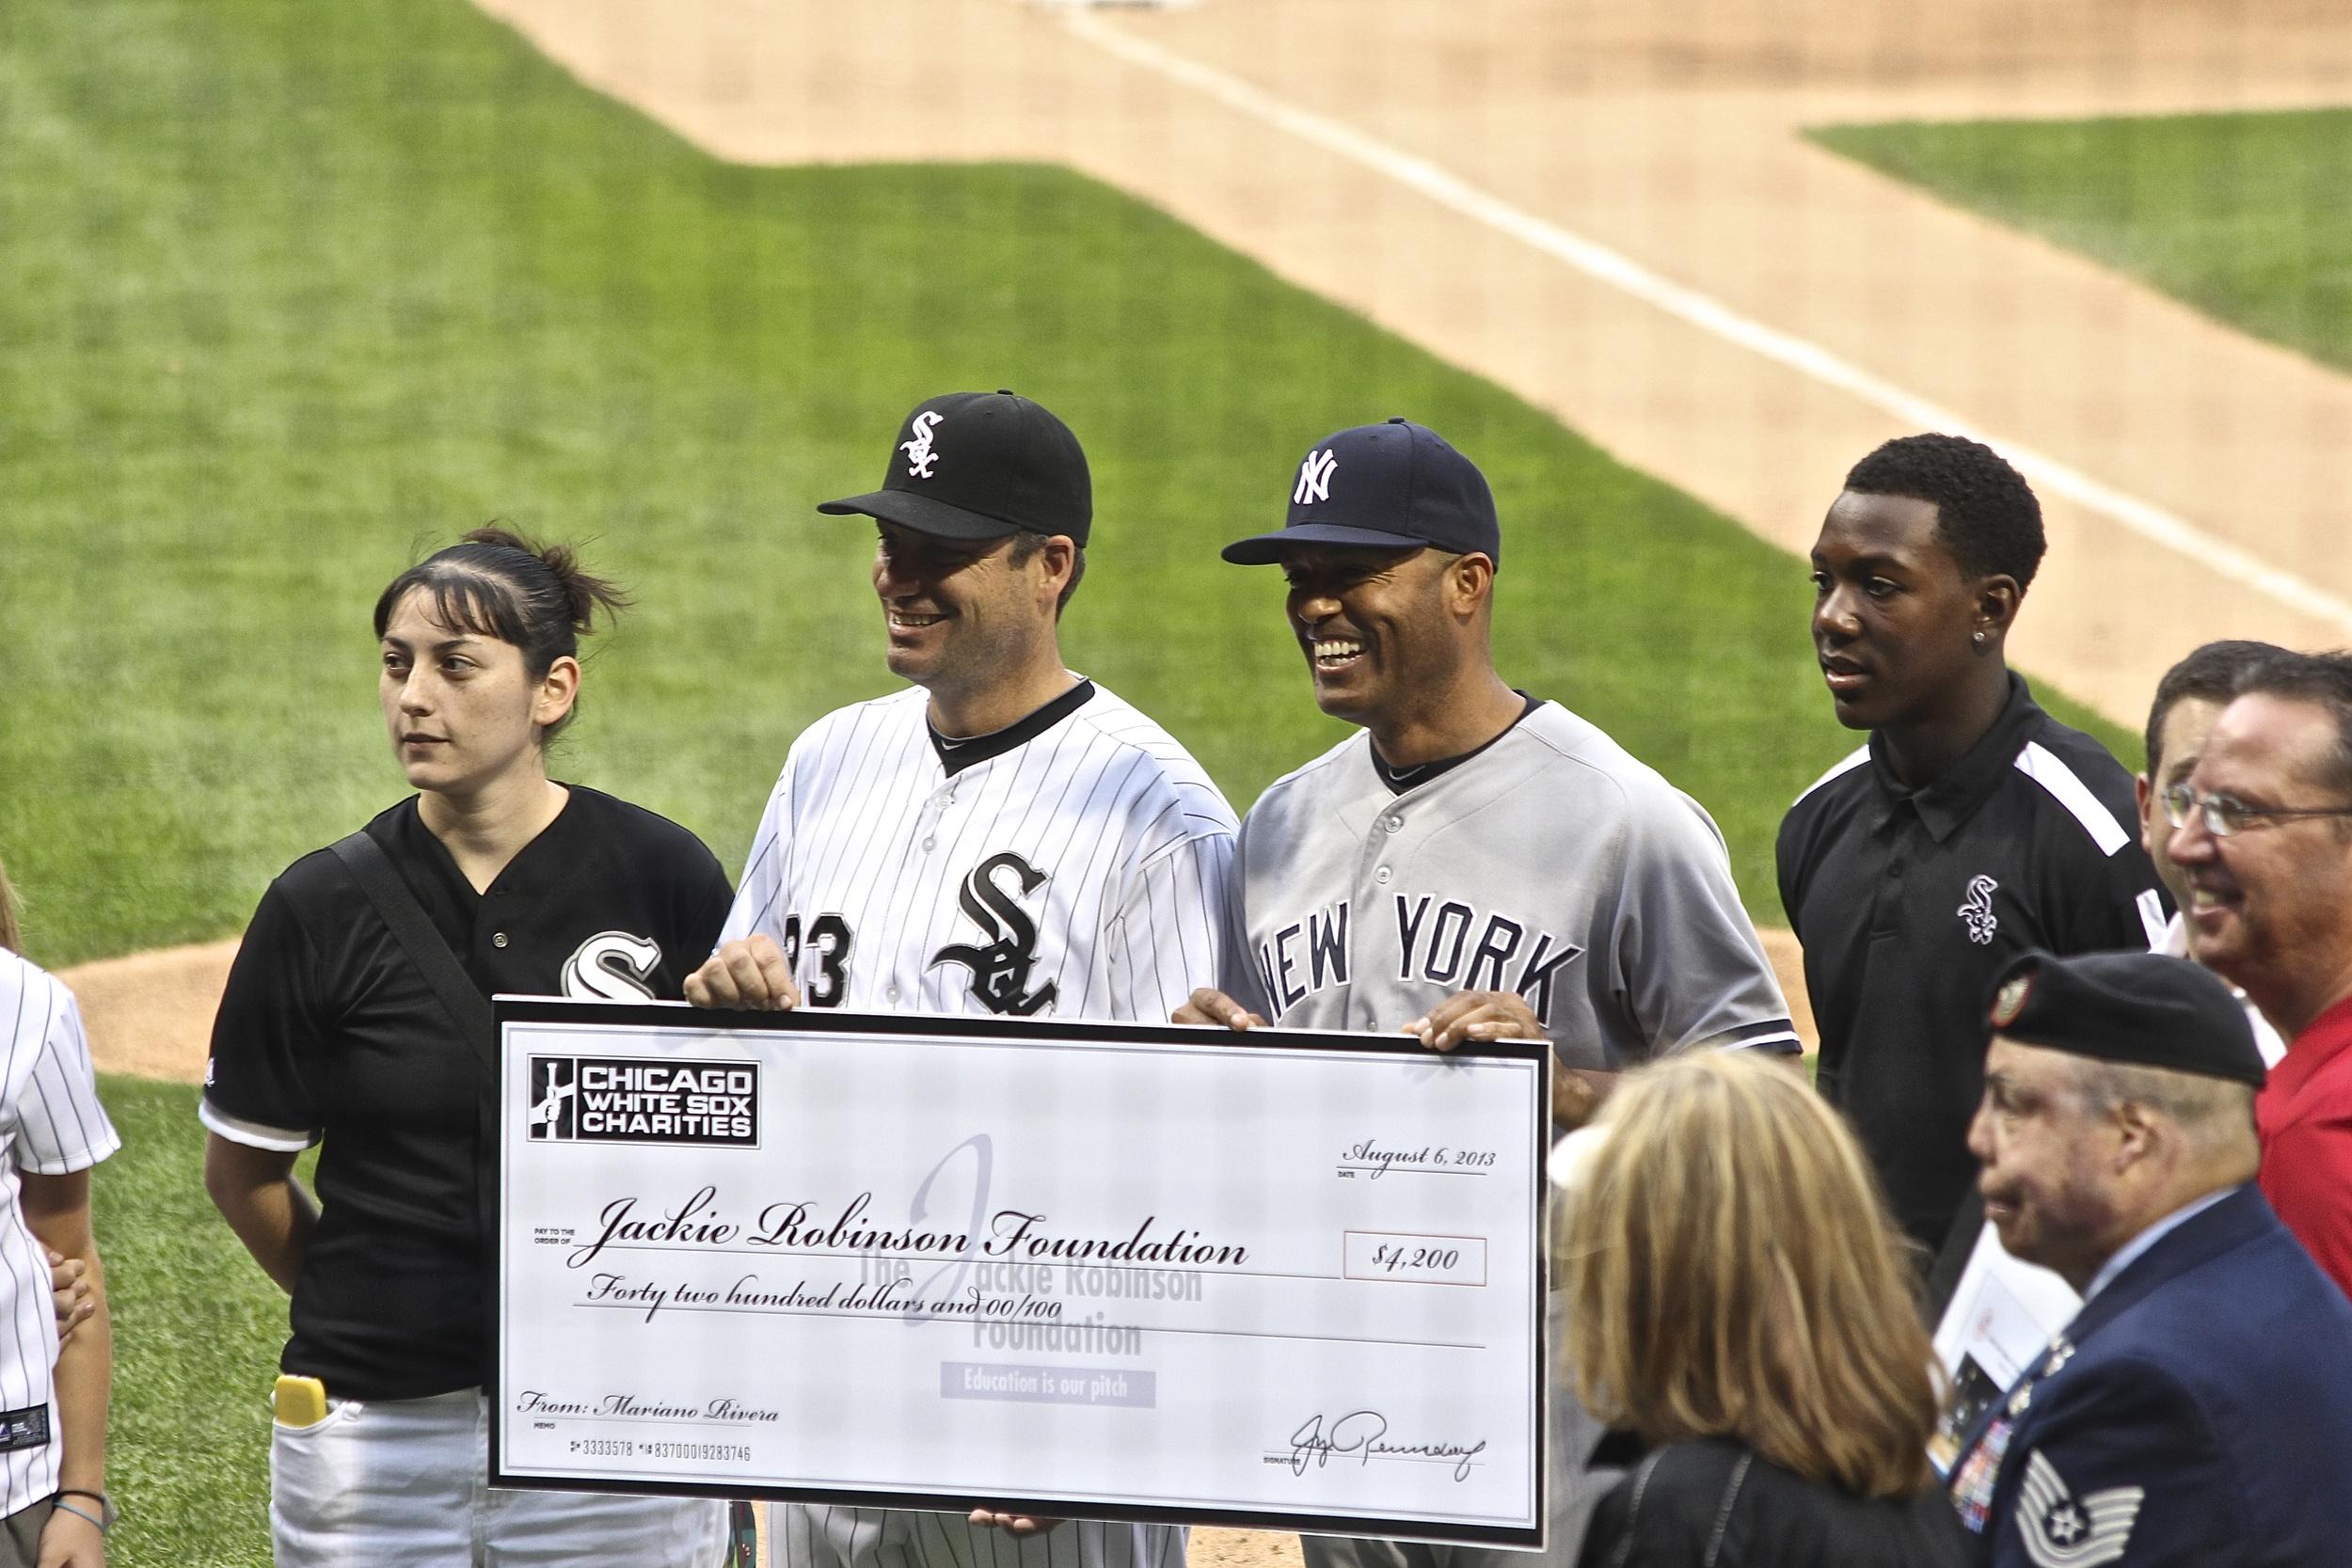 Robin Ventura presents Mariano Rivera with a check